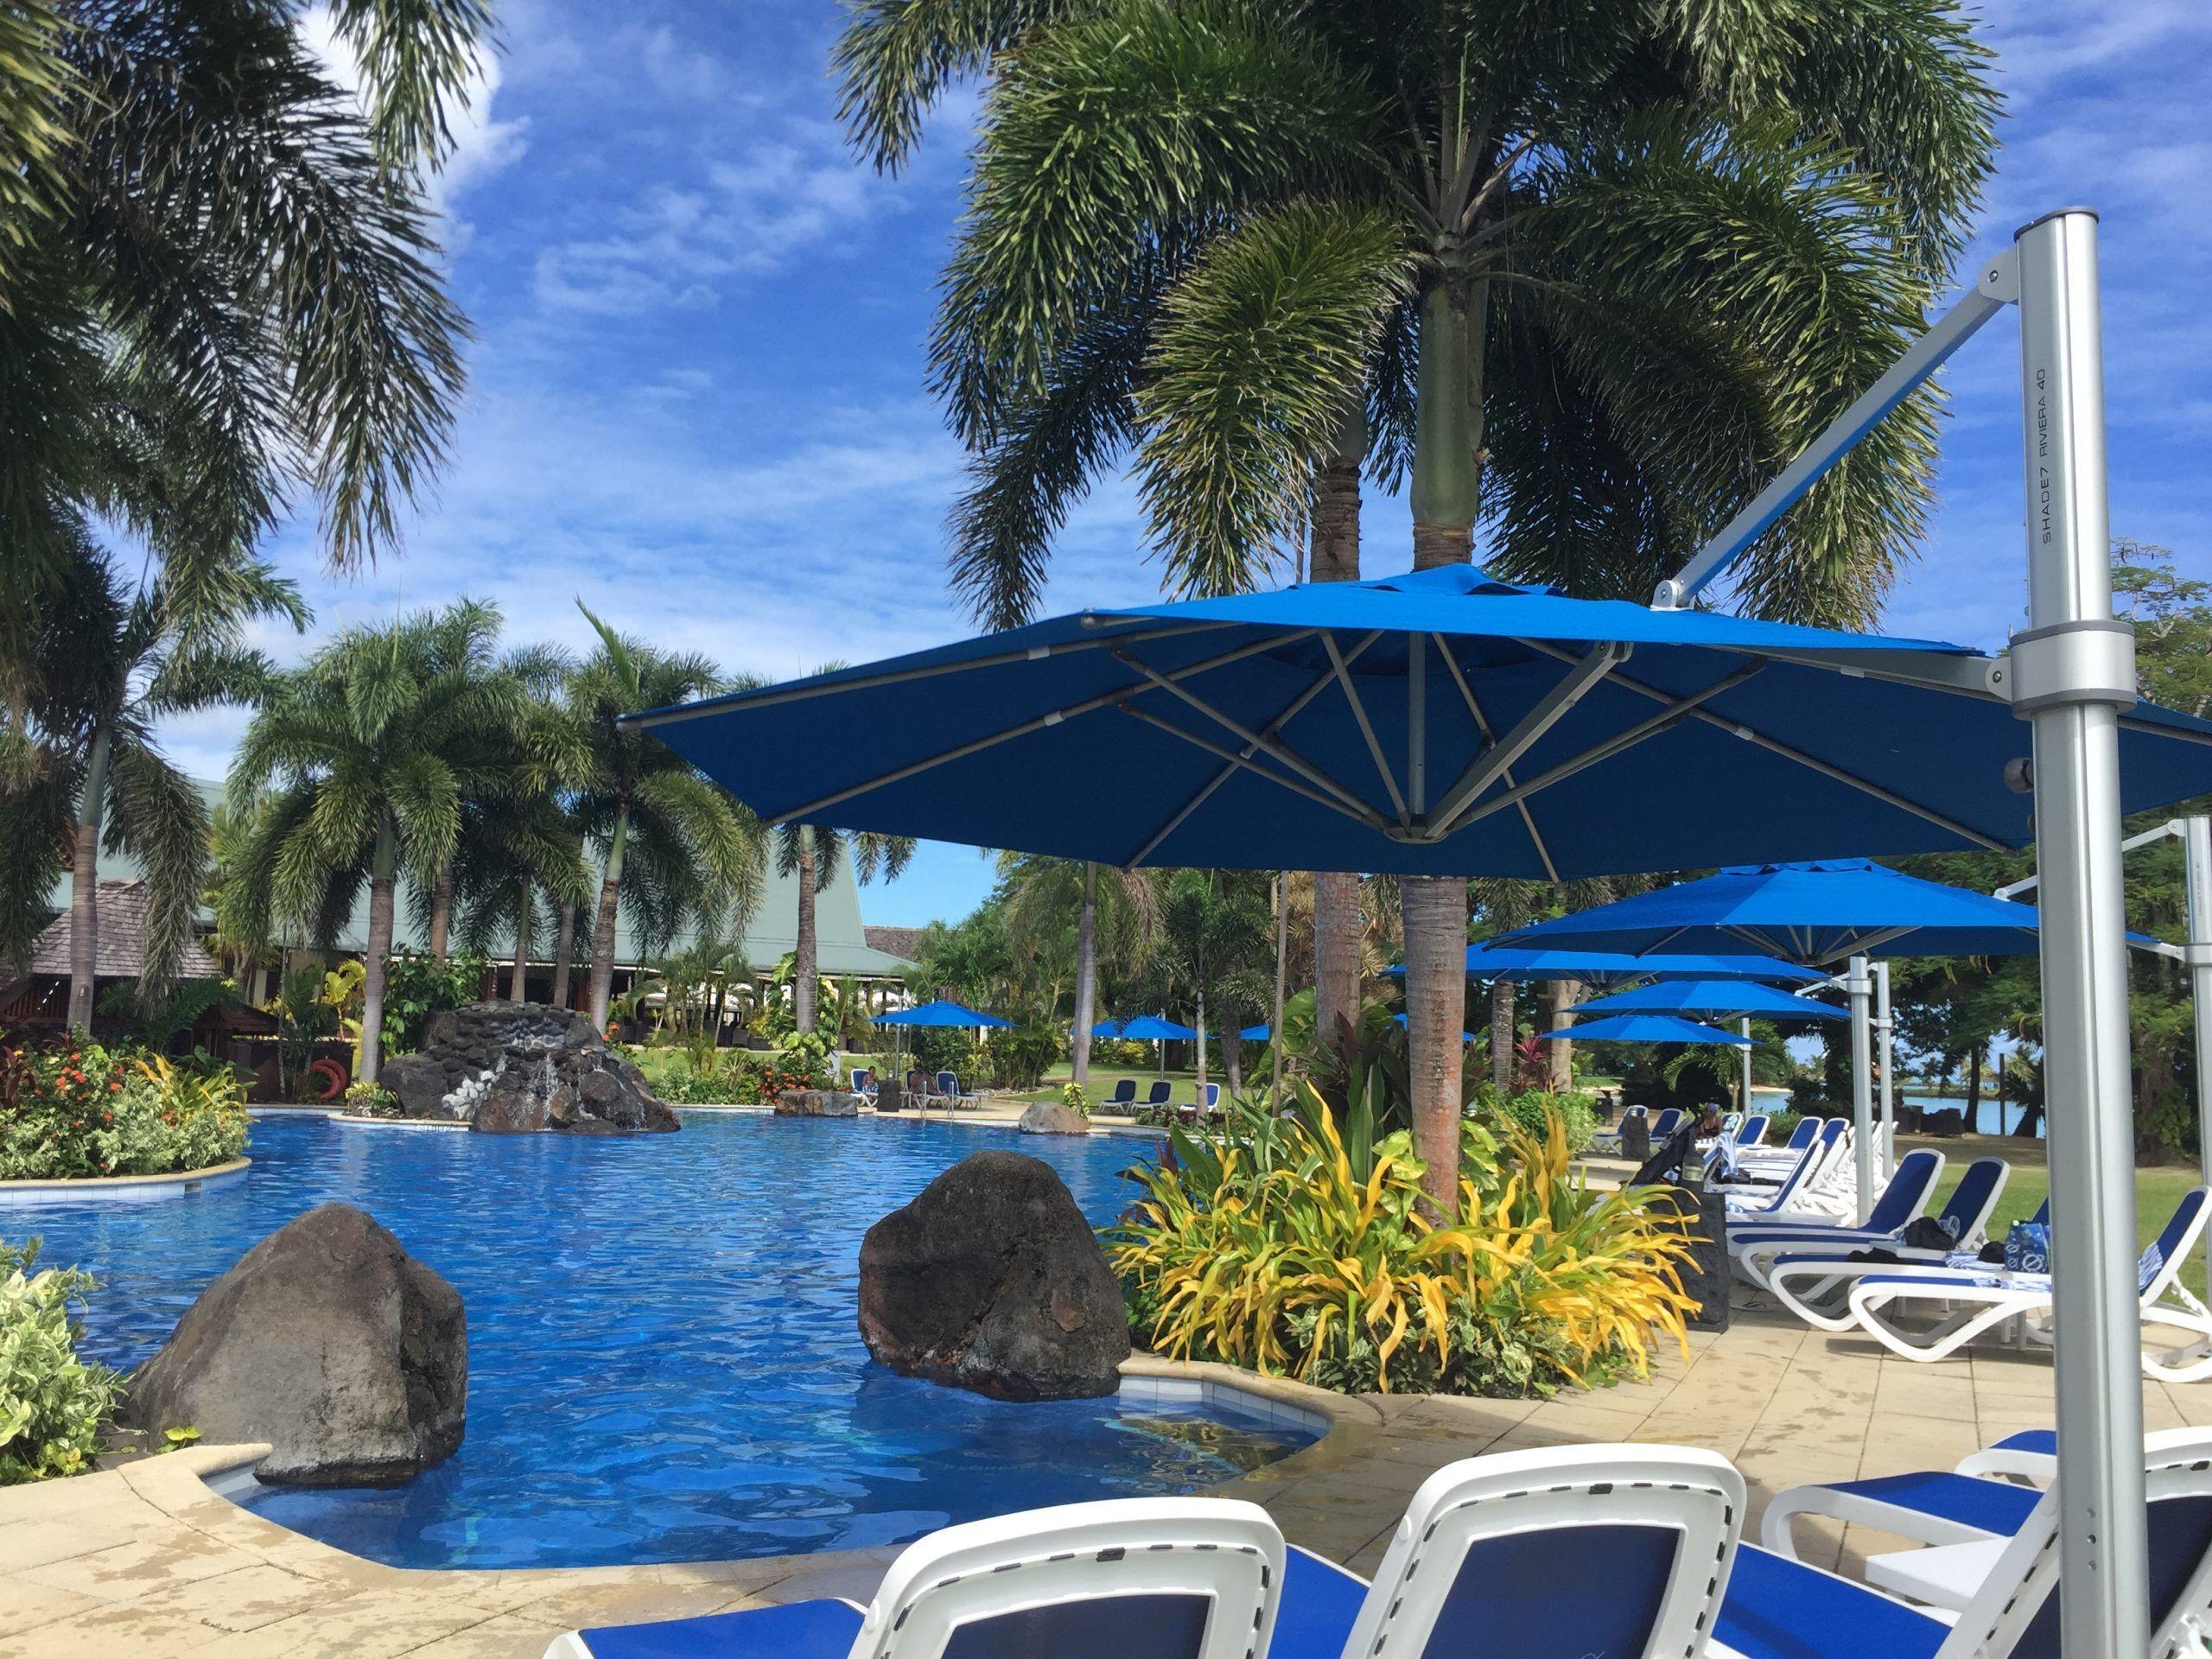 Sheraton Samoa Beach Resort Riviera Cantilever Umbrella